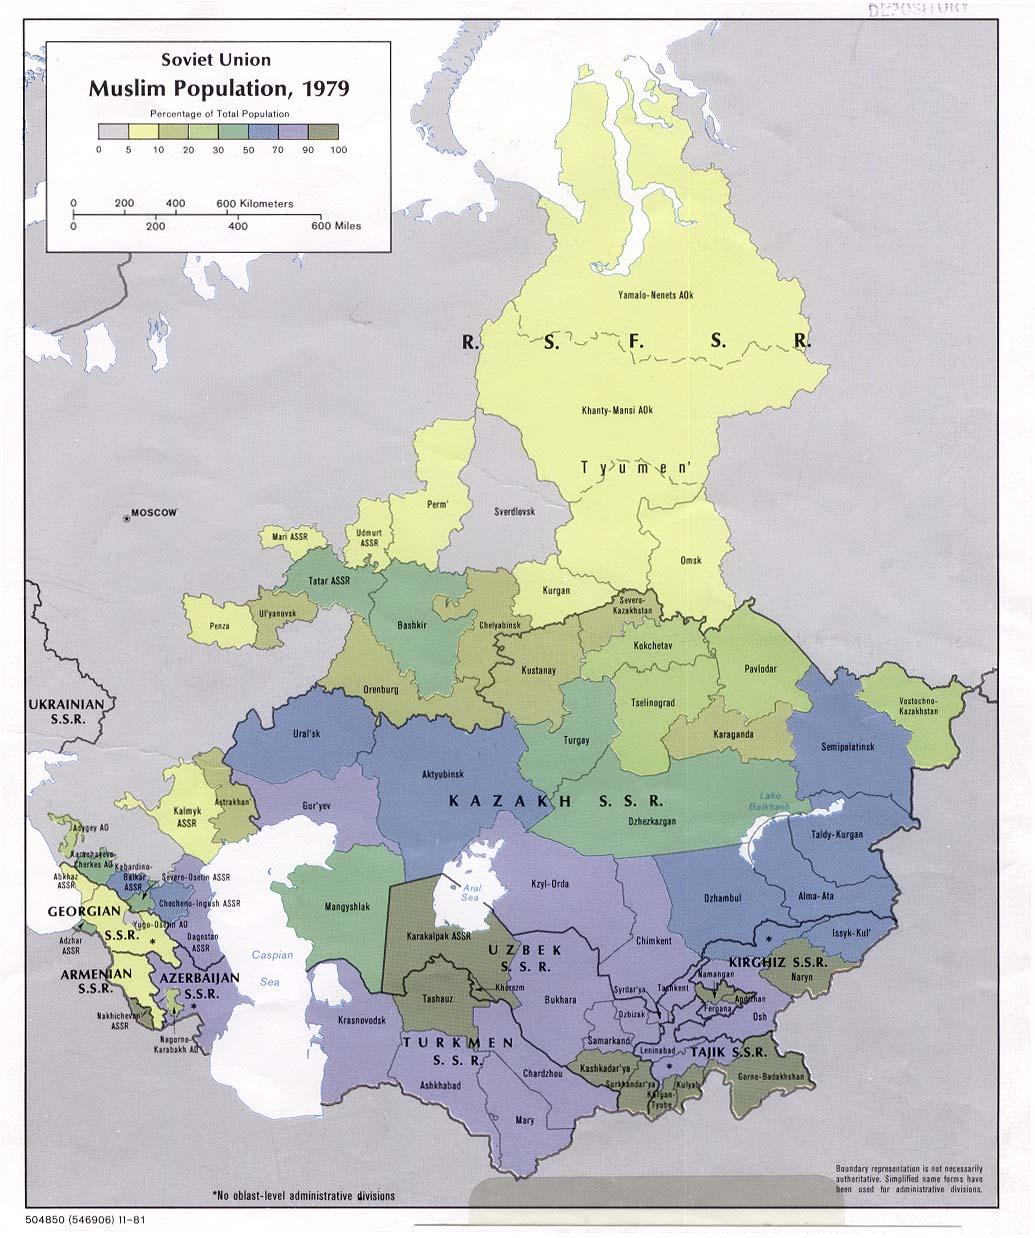 Mapa de Población Musulmán de la ex Unión Soviética